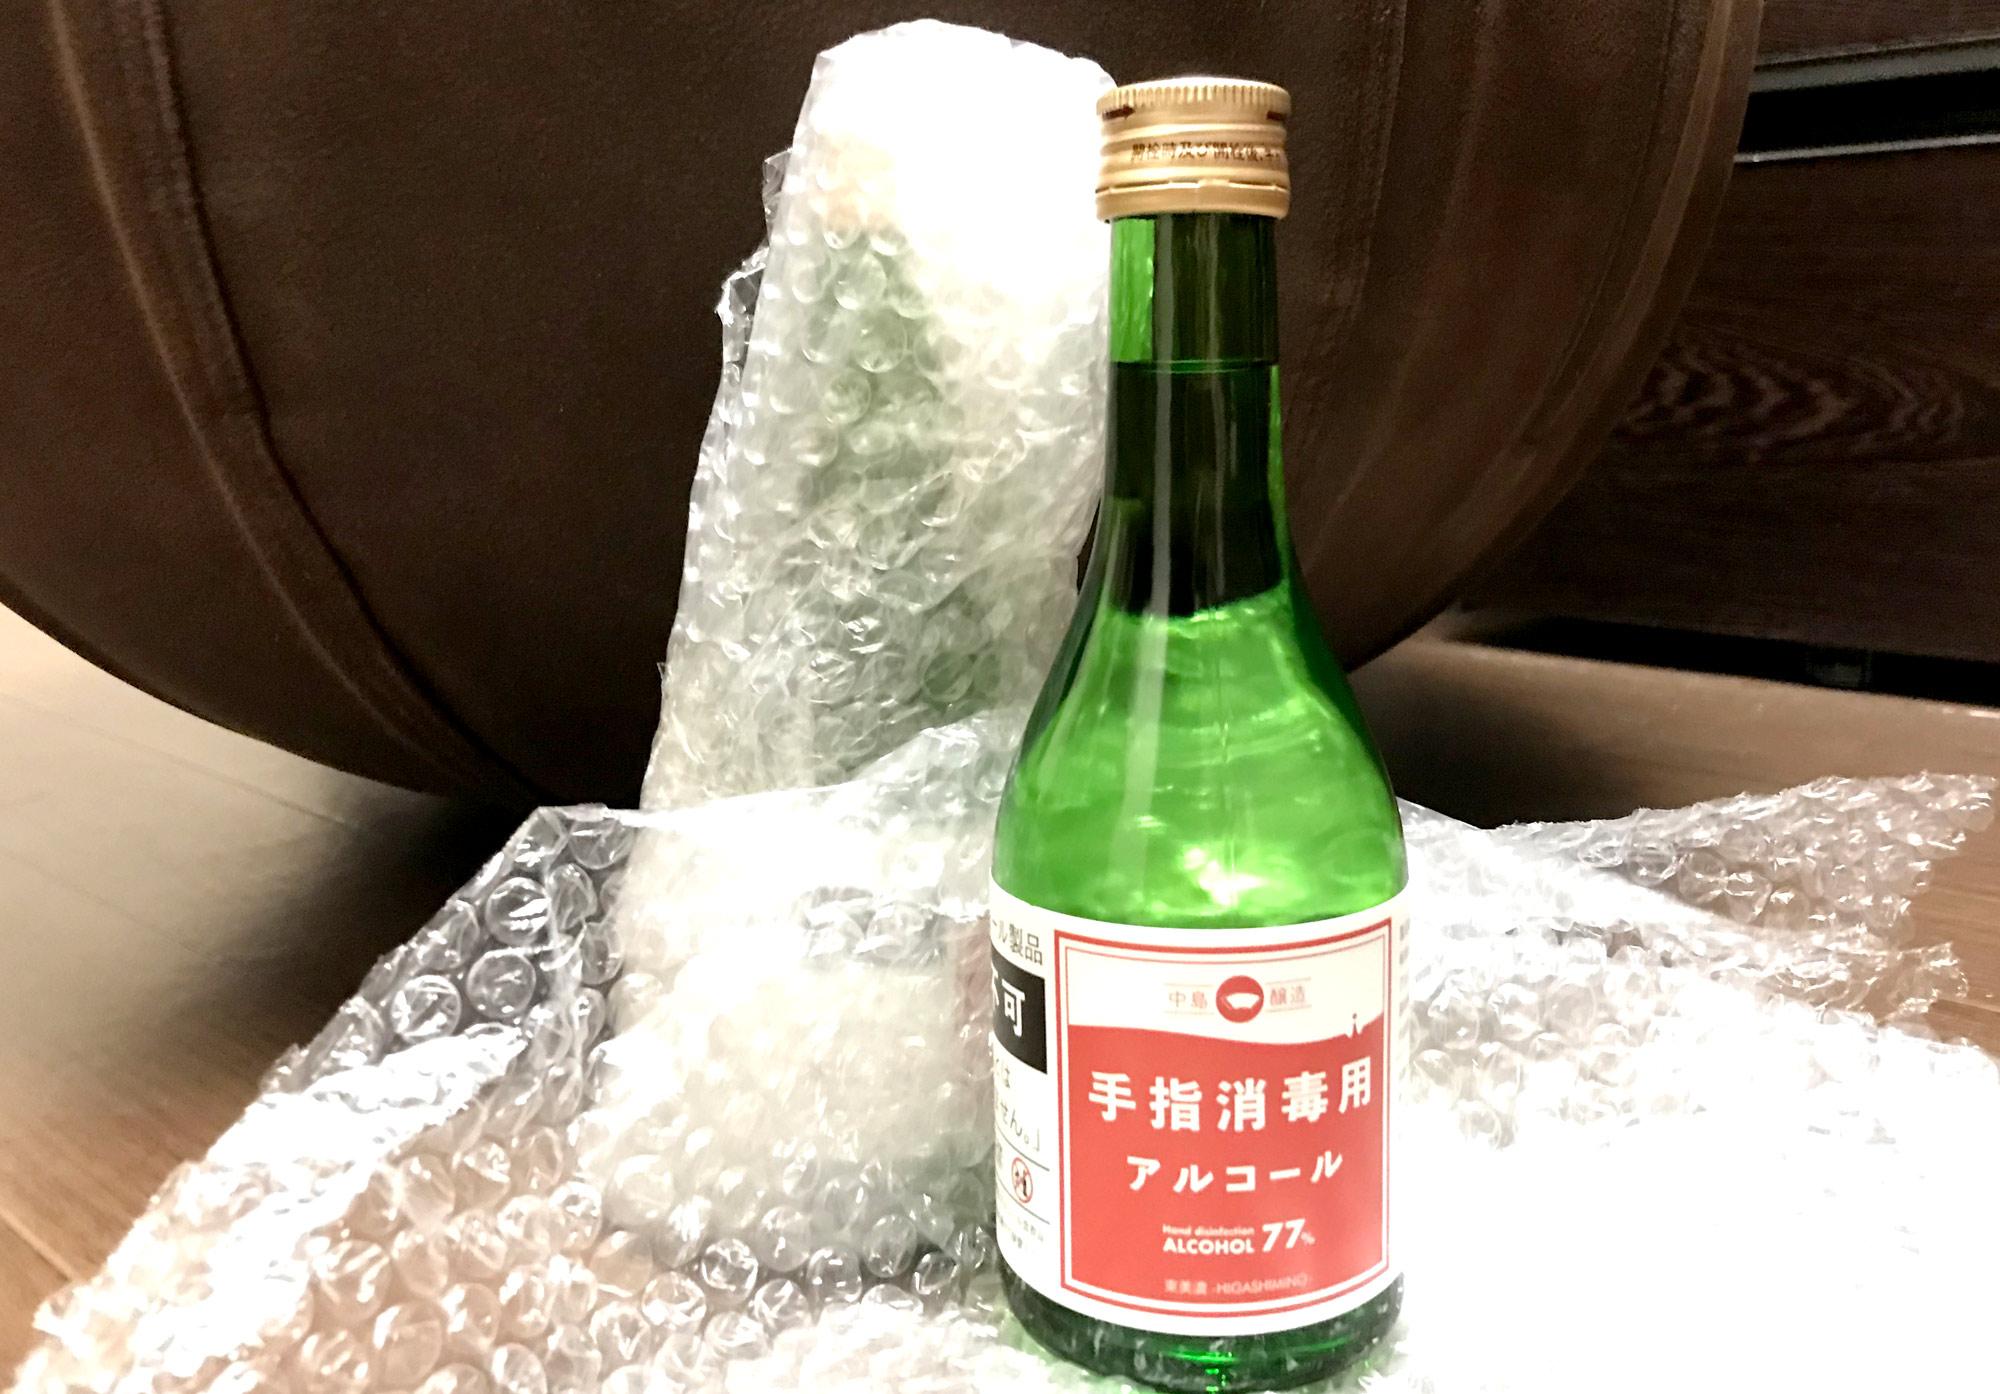 アロマスプレー用 アルコール77%